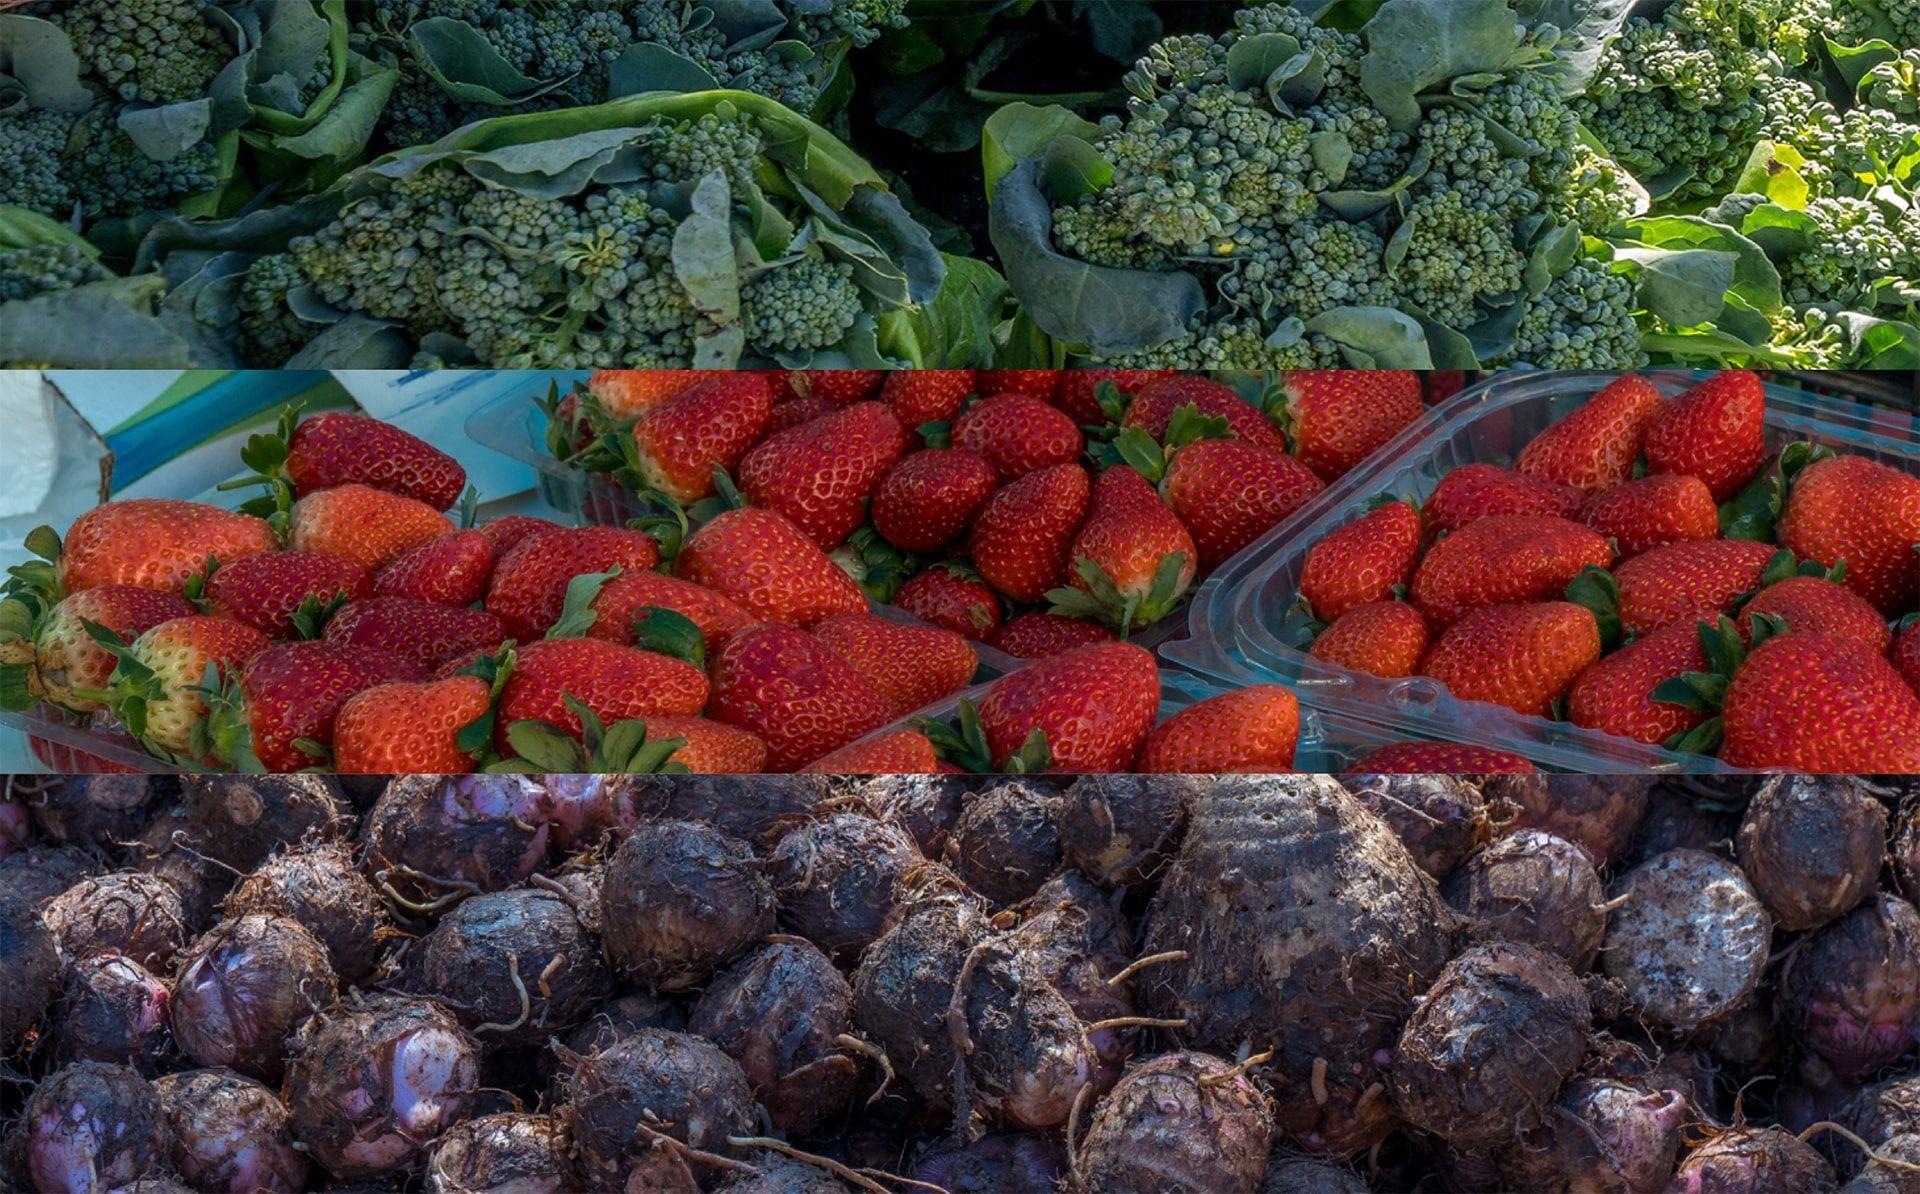 Alimentos de Nova Friburgo frescos